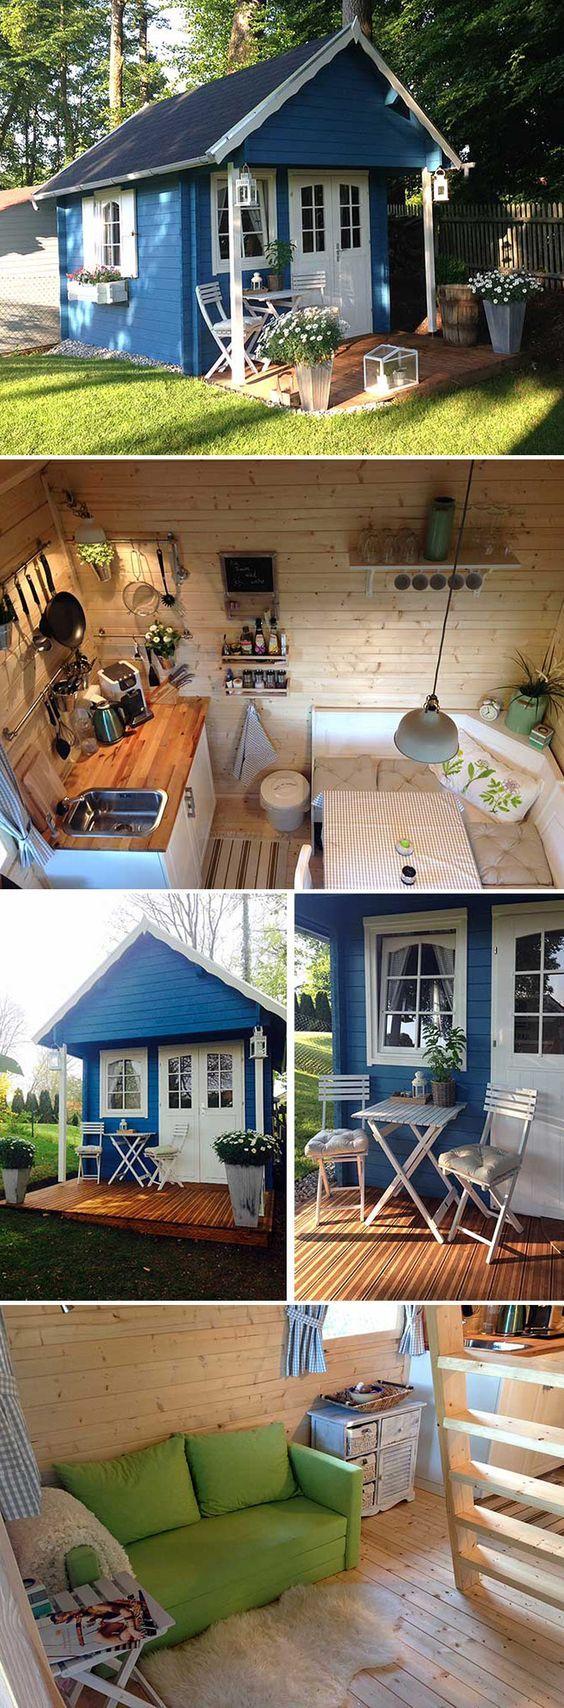 Gartenhaus Bunkie-40: Gelungener Aufbau und Einrichtung #tinyhome